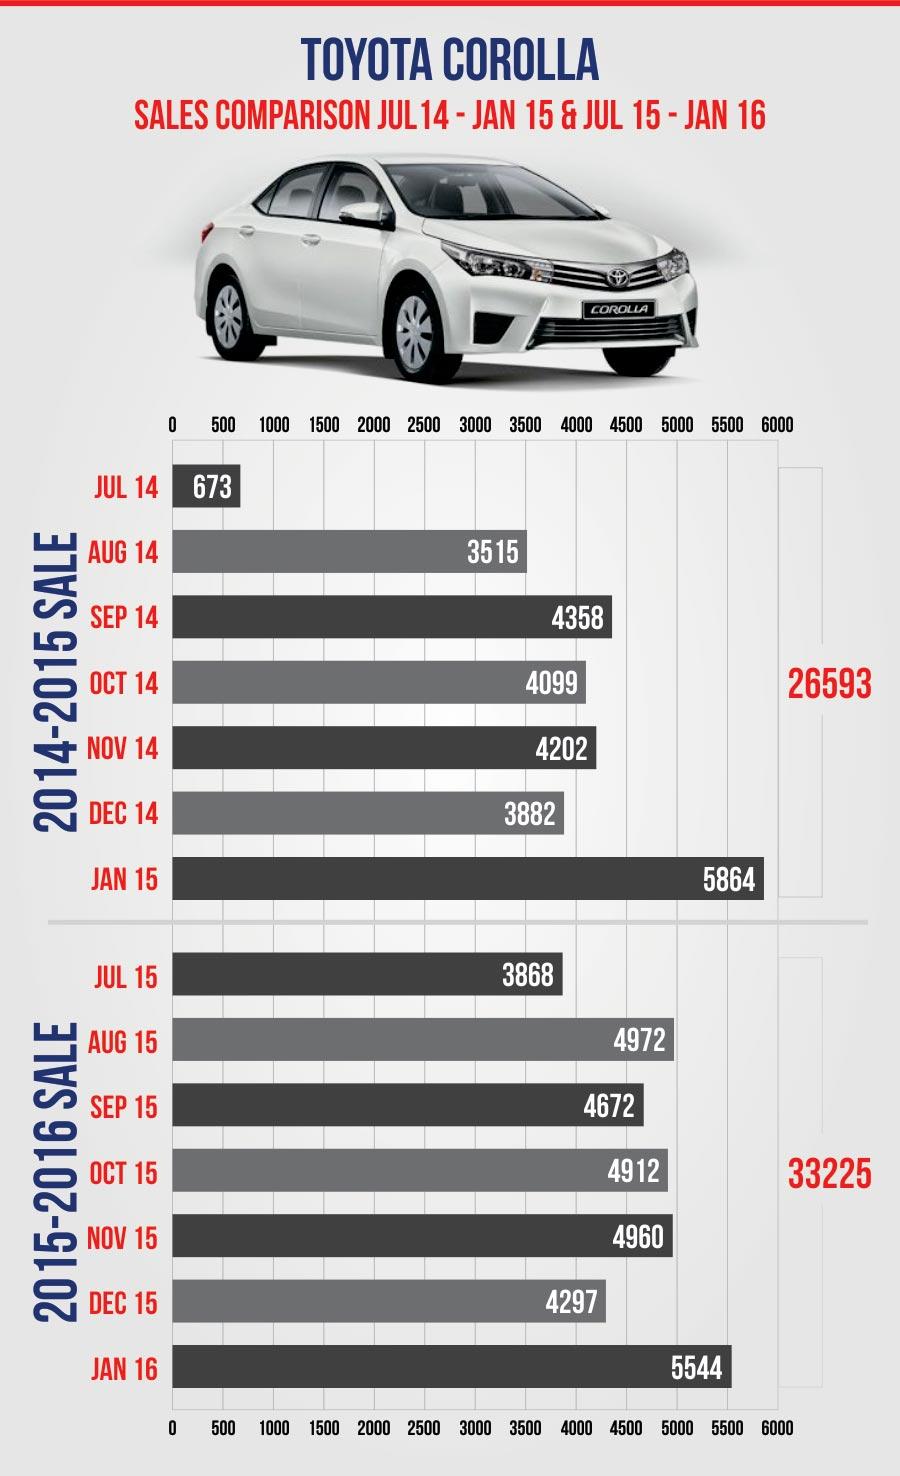 Toyota Pakistan Corolla Sales